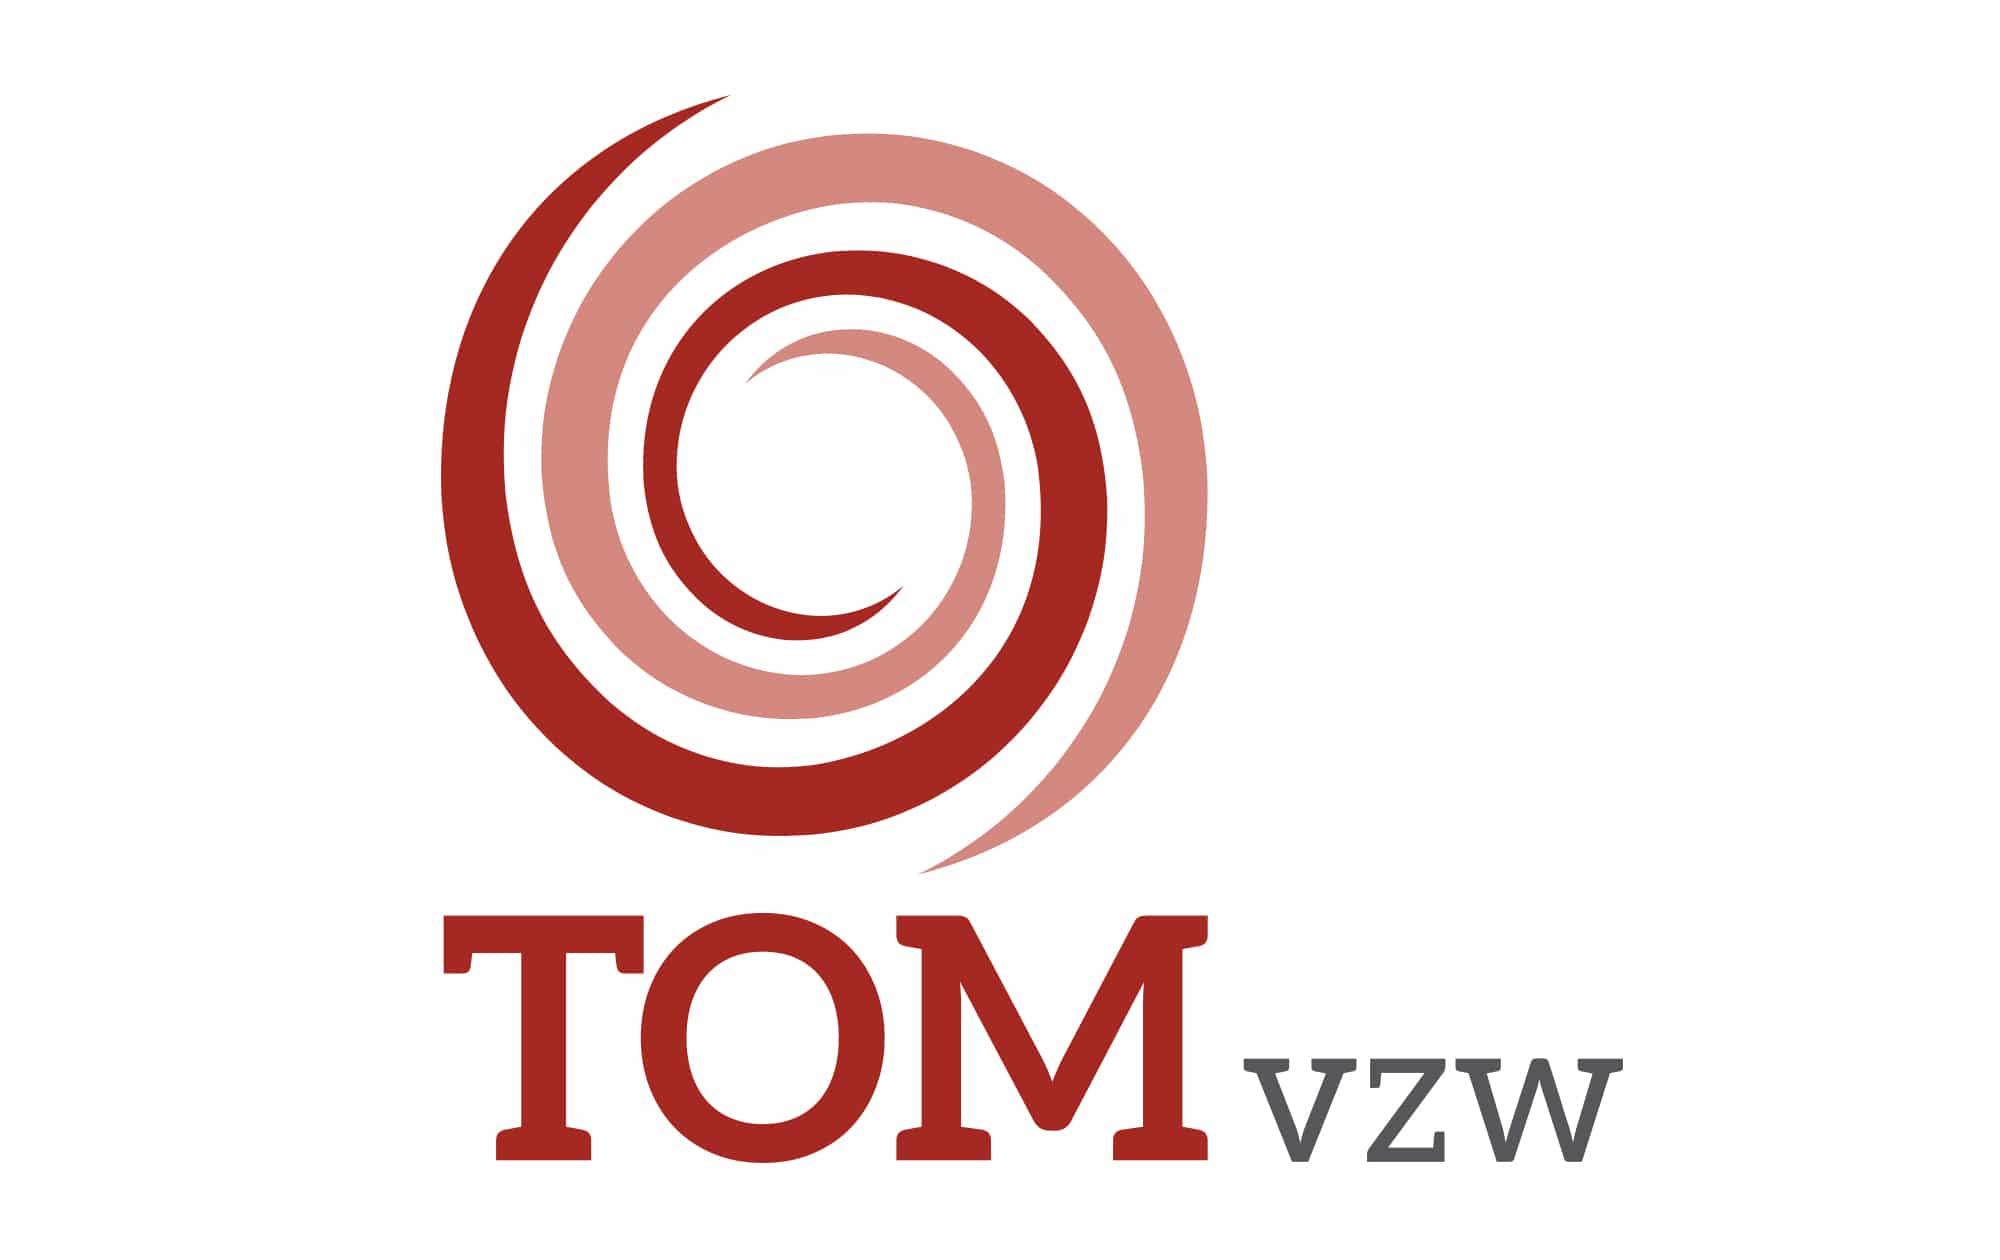 mandarijn maakt voor Tom vzw een nieuw logo.